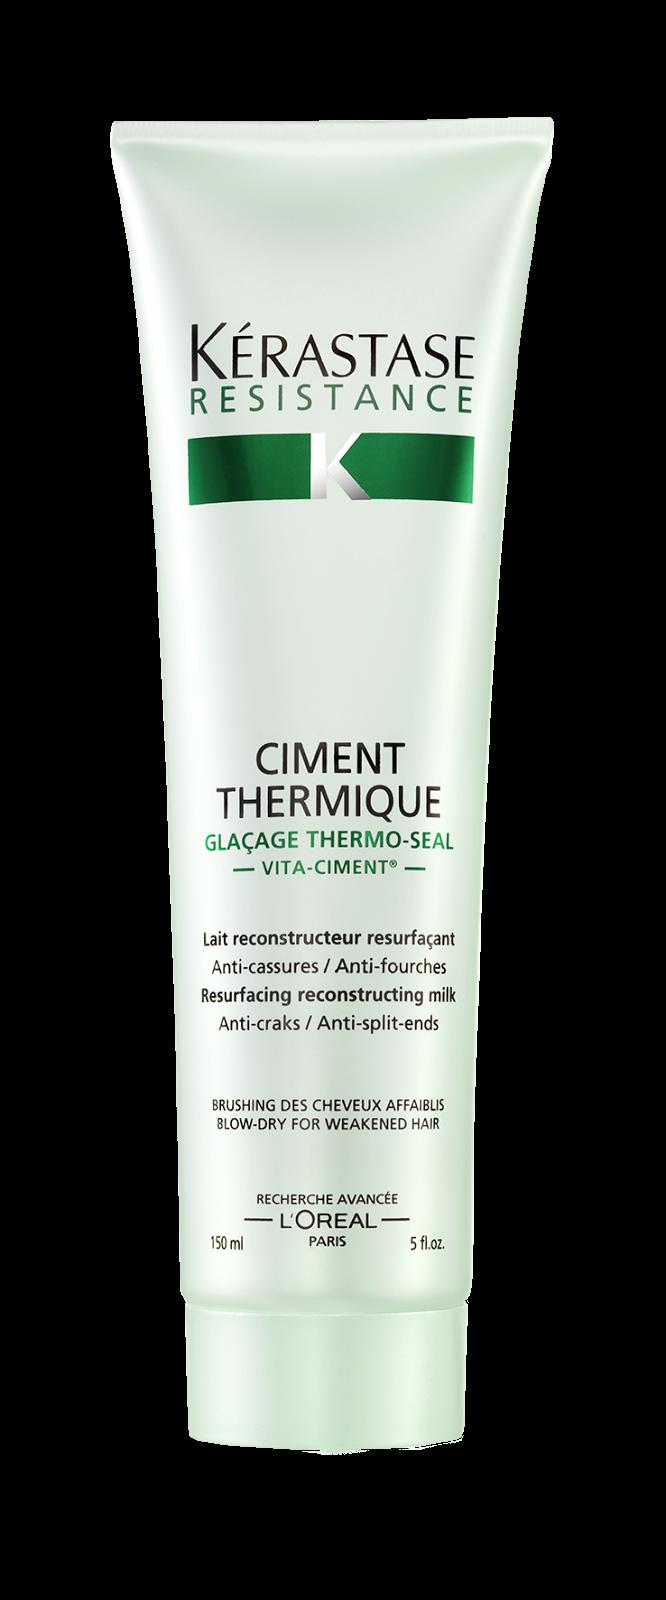 Ciment Thermique Kérastase